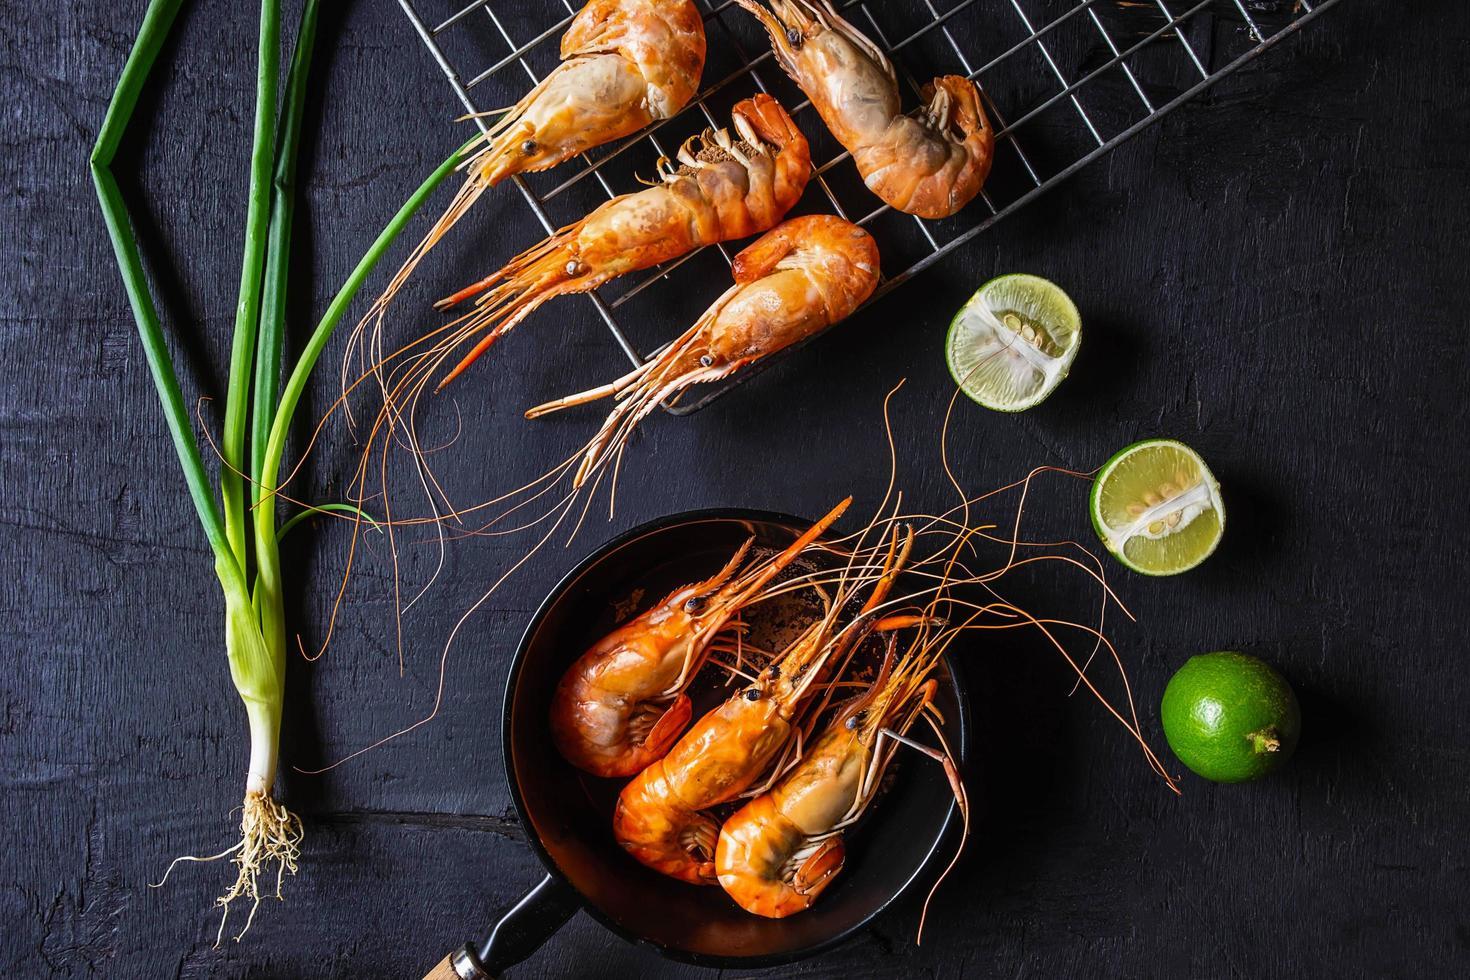 crevettes cuites sur fond sombre photo